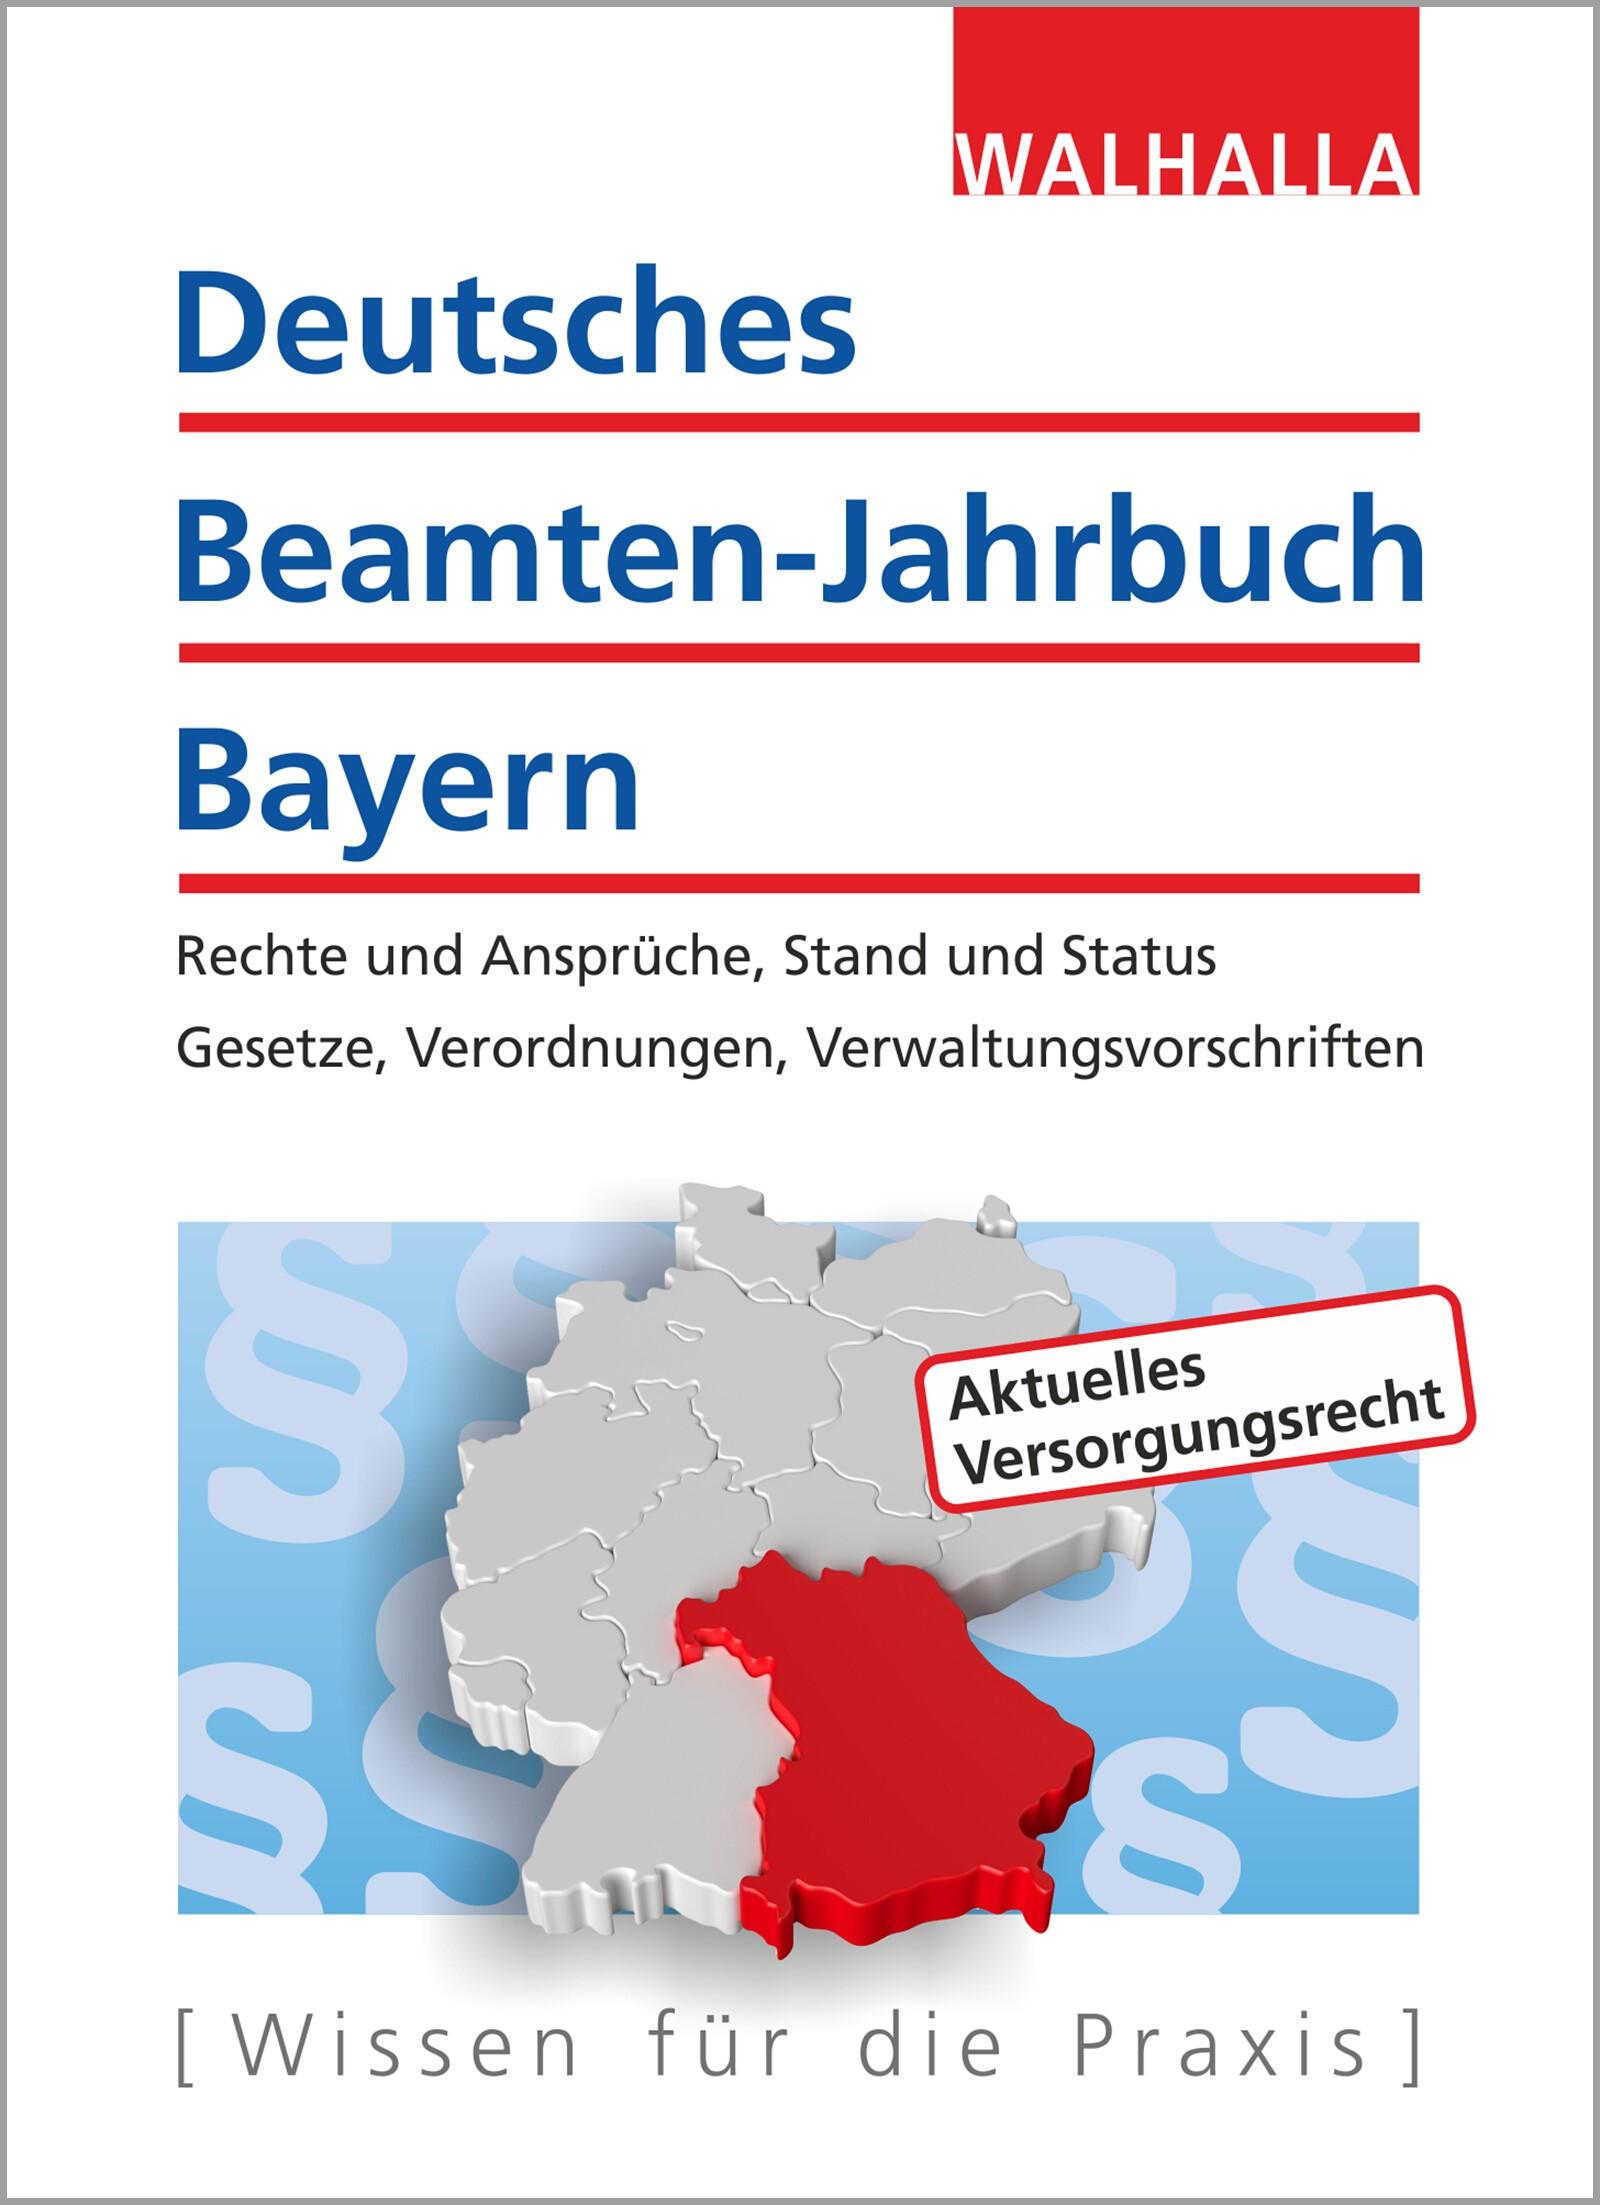 Deutsches Beamten-Jahrbuch Bayern • Jahresband 2017 | Walhalla Fachredaktion | 9. Auflage, 2017 | Buch (Cover)